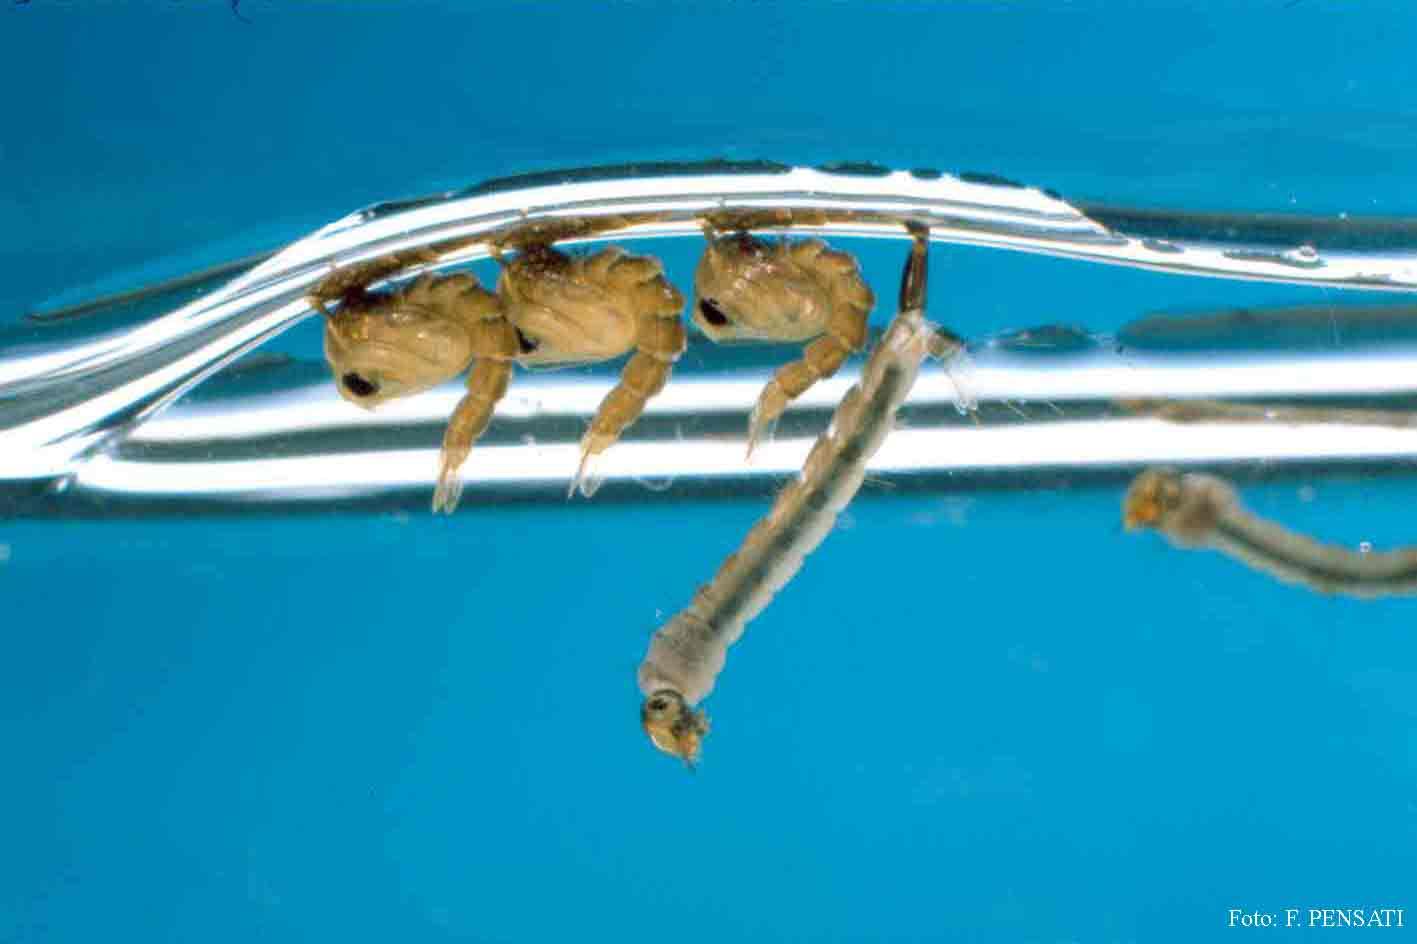 Servizio telematico pubblico ufficio stampa comunicati for Divora larve di zanzara